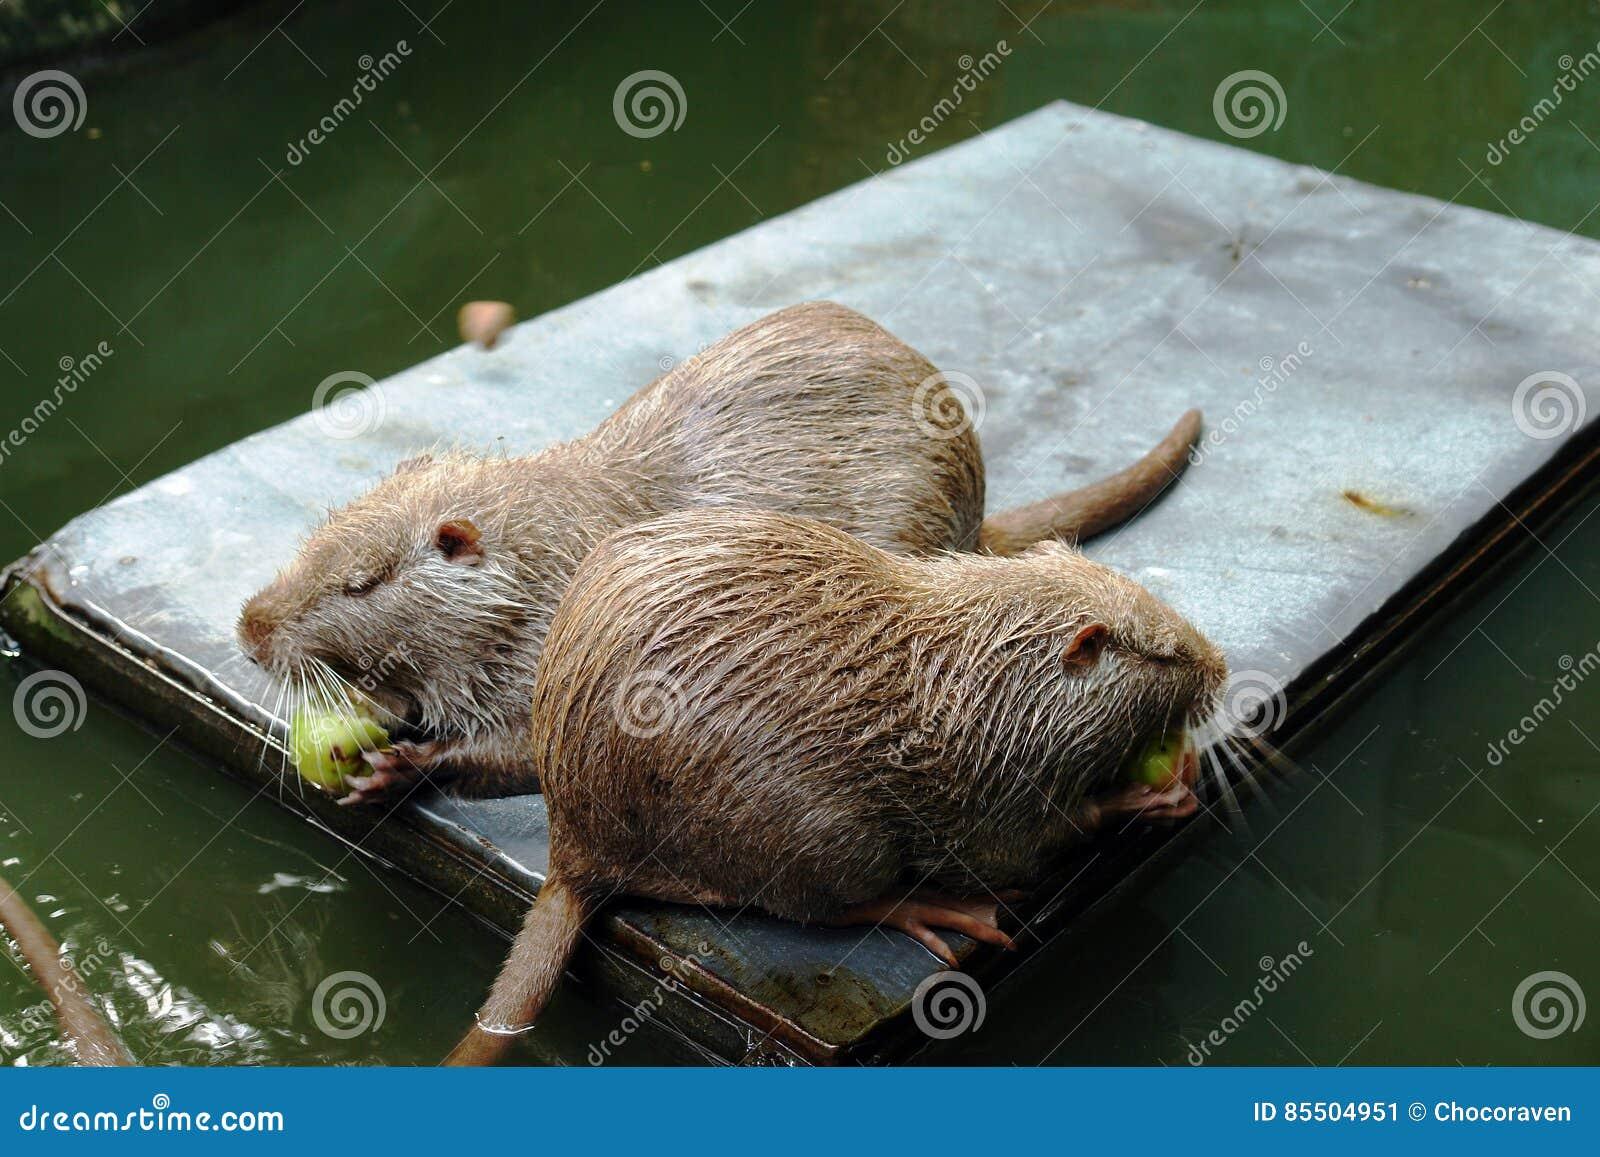 Rat nutria